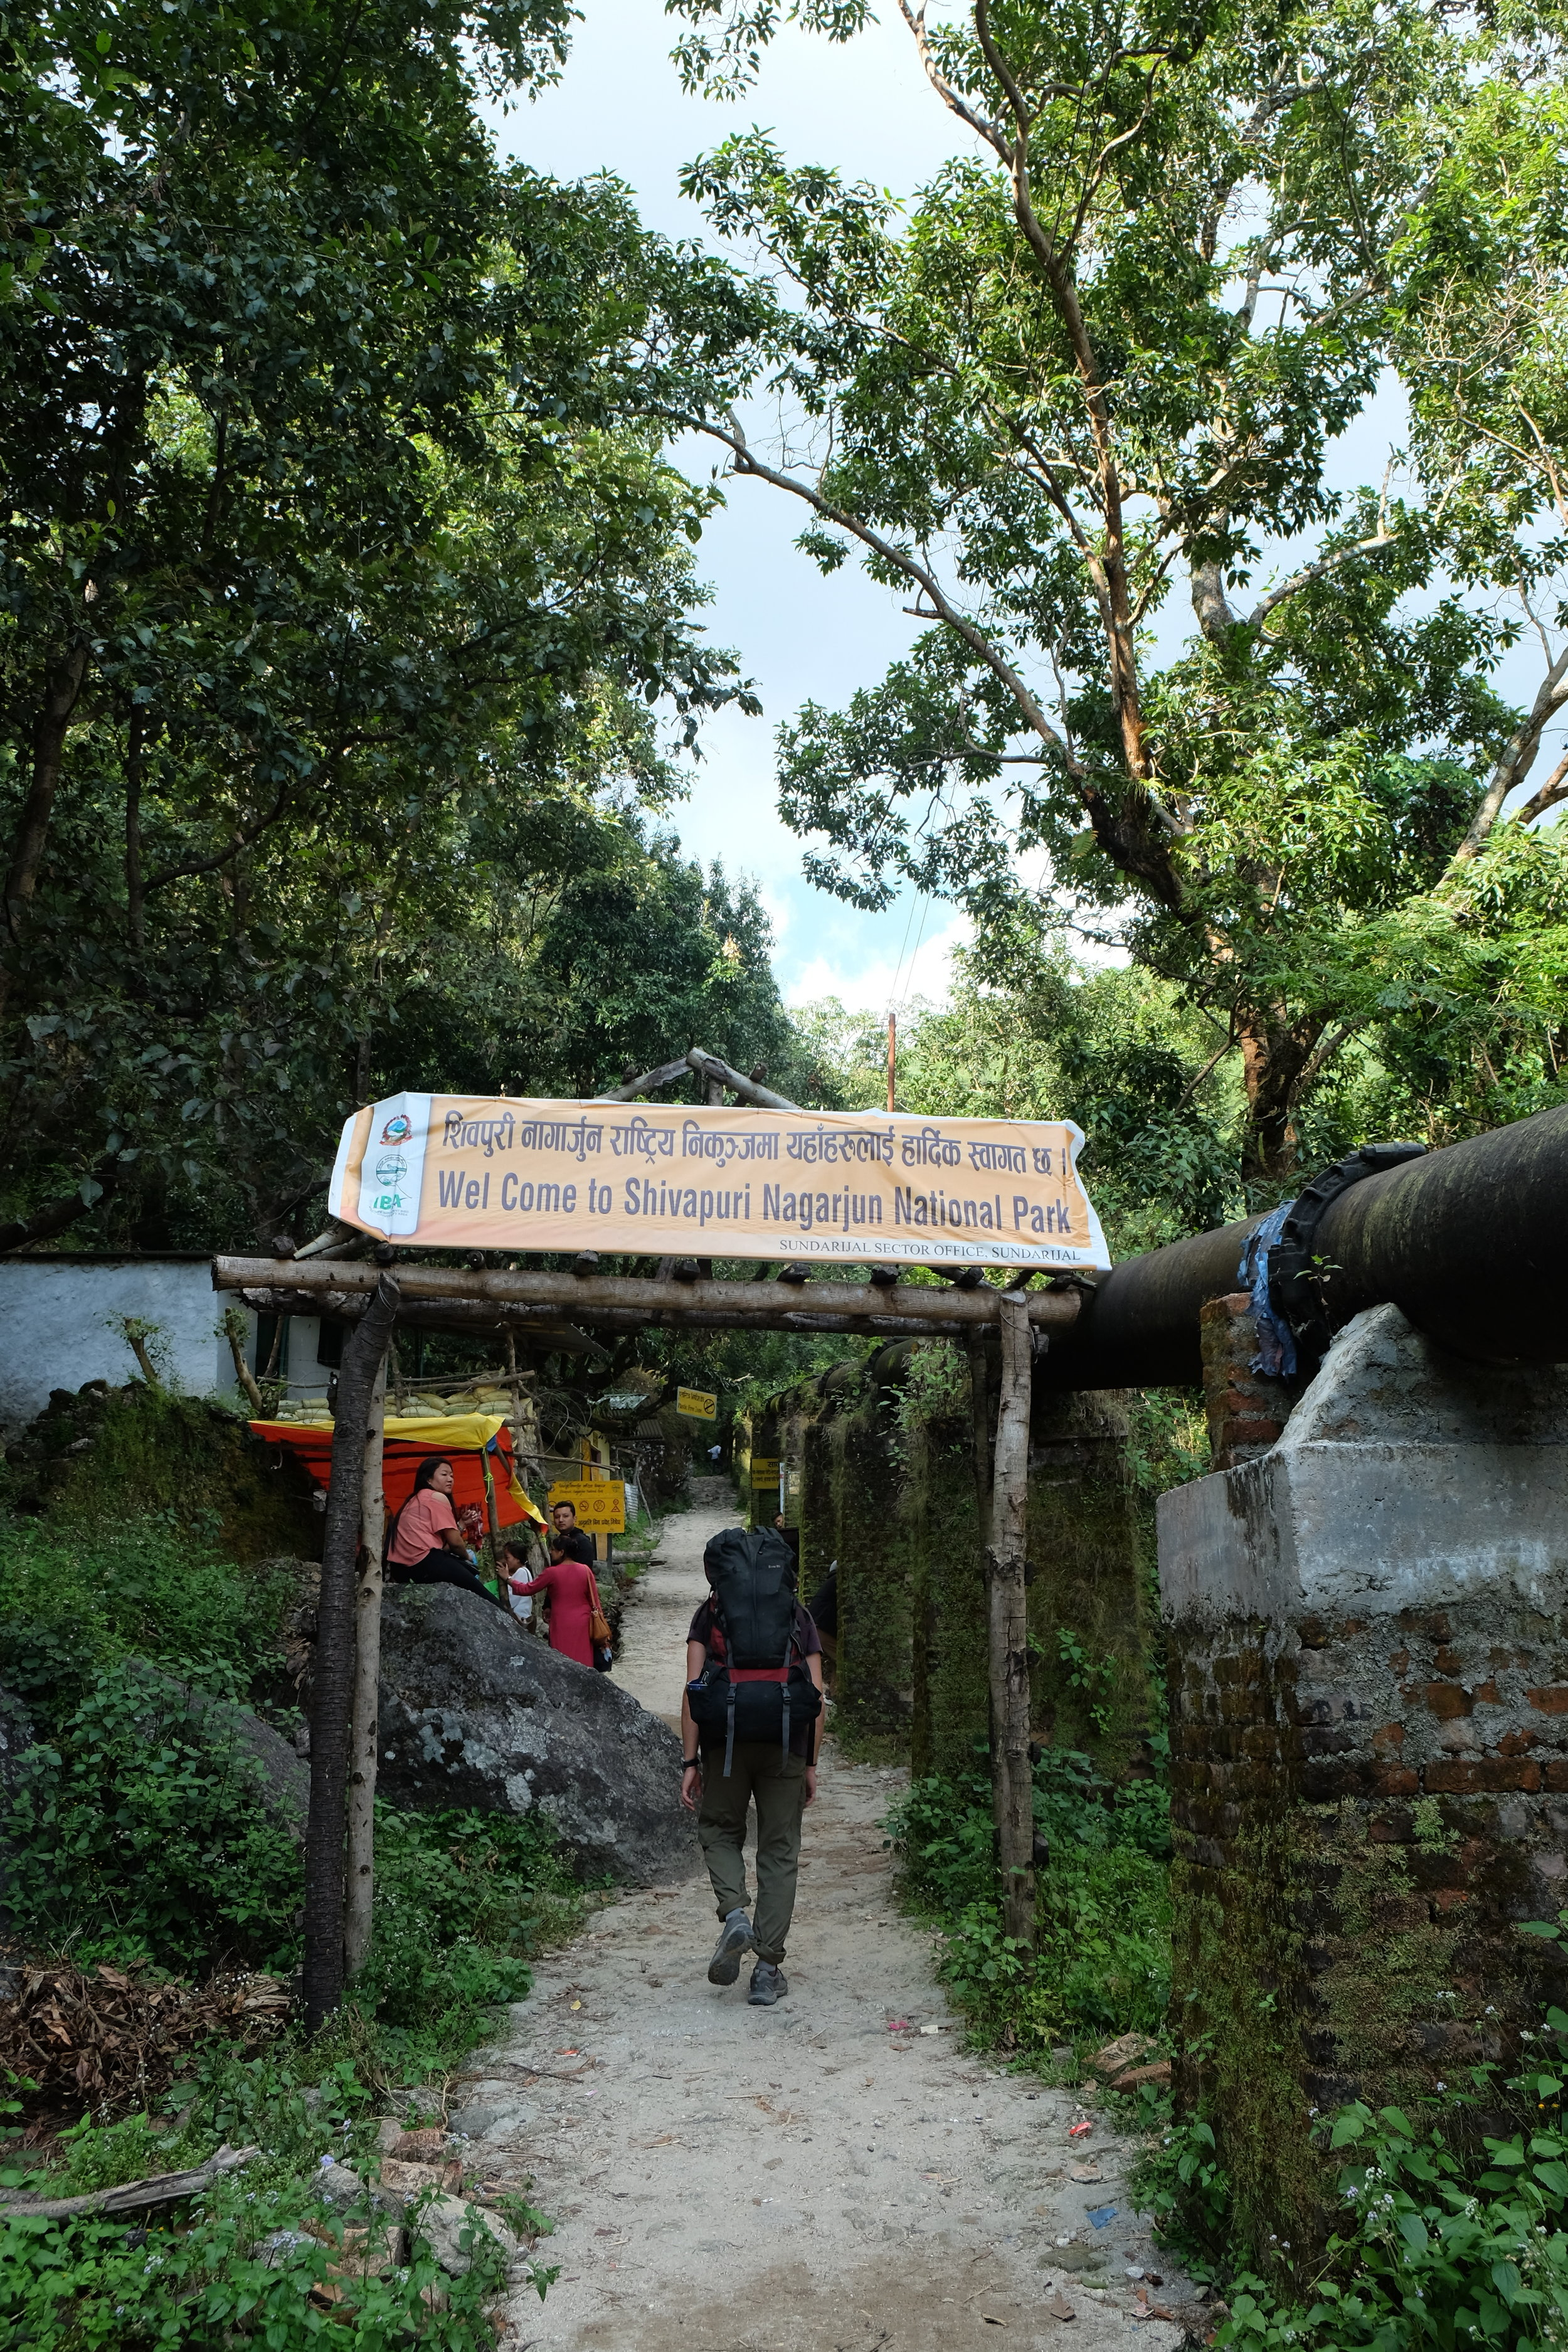 Entering Shivapuri